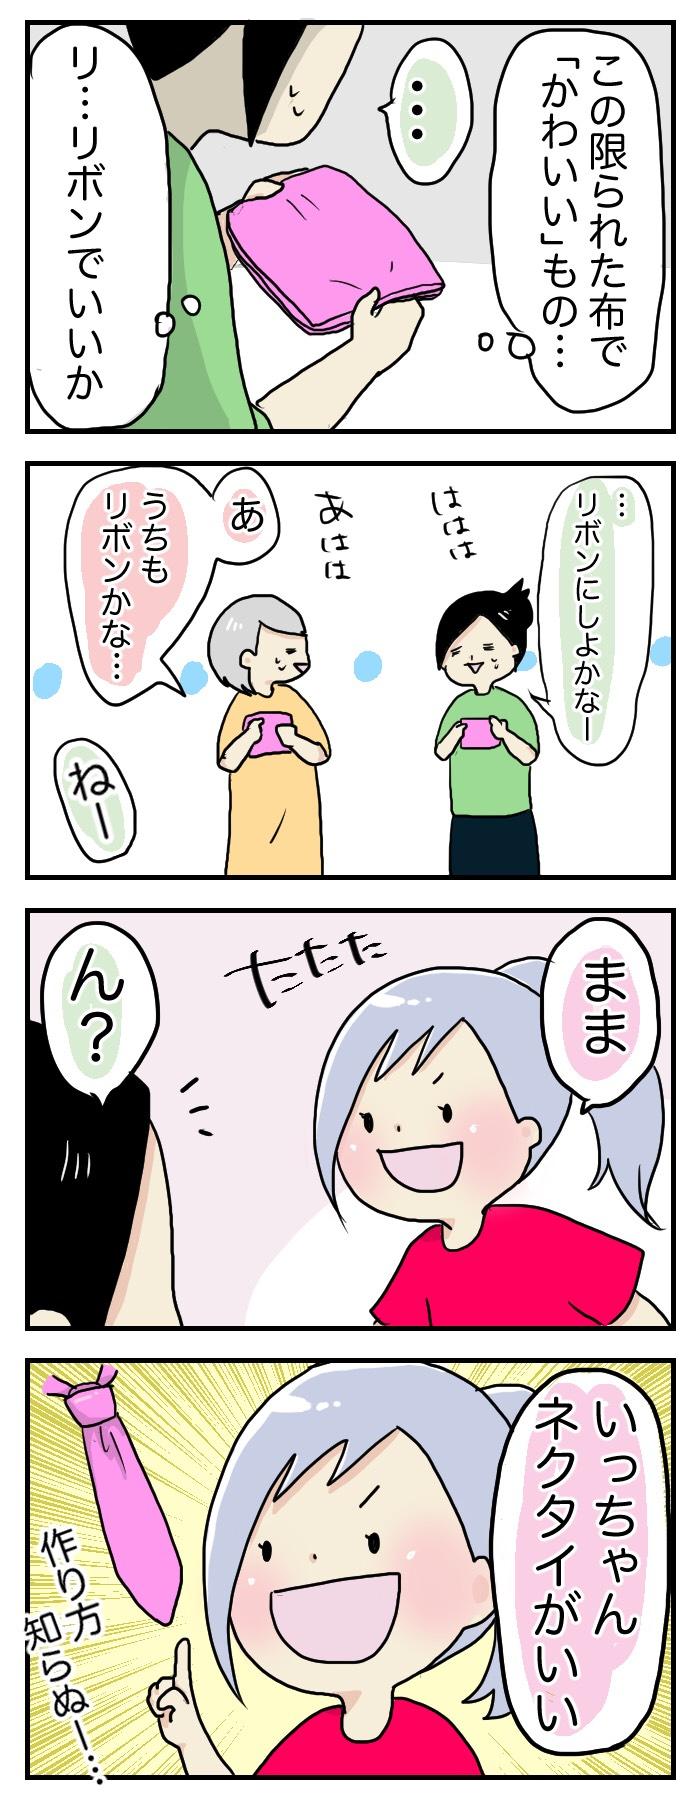 ハナコママ ダンス_1